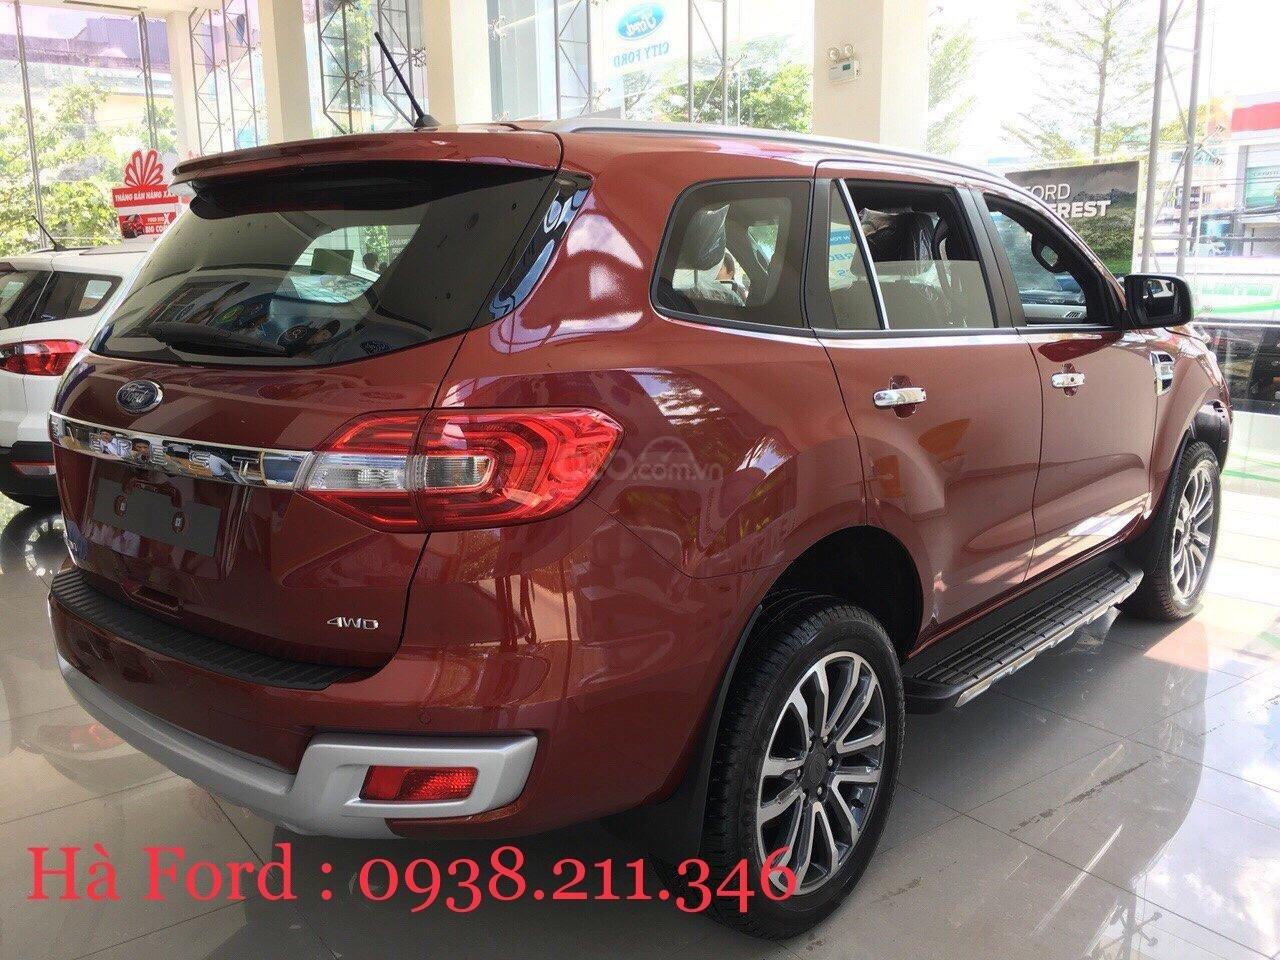 Ford Everest 2019, xe nhập, giá cạnh tranh giao ngay, kèm theo nhiều ưu đãi hấp dẫn 0938211346-1